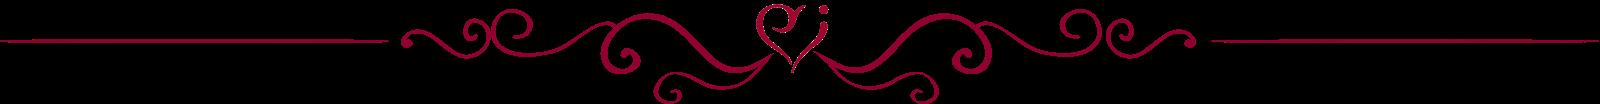 Valentin-napi ötletek, ha éppen randevúztál Nina dobrev társkereső Aaron Paul